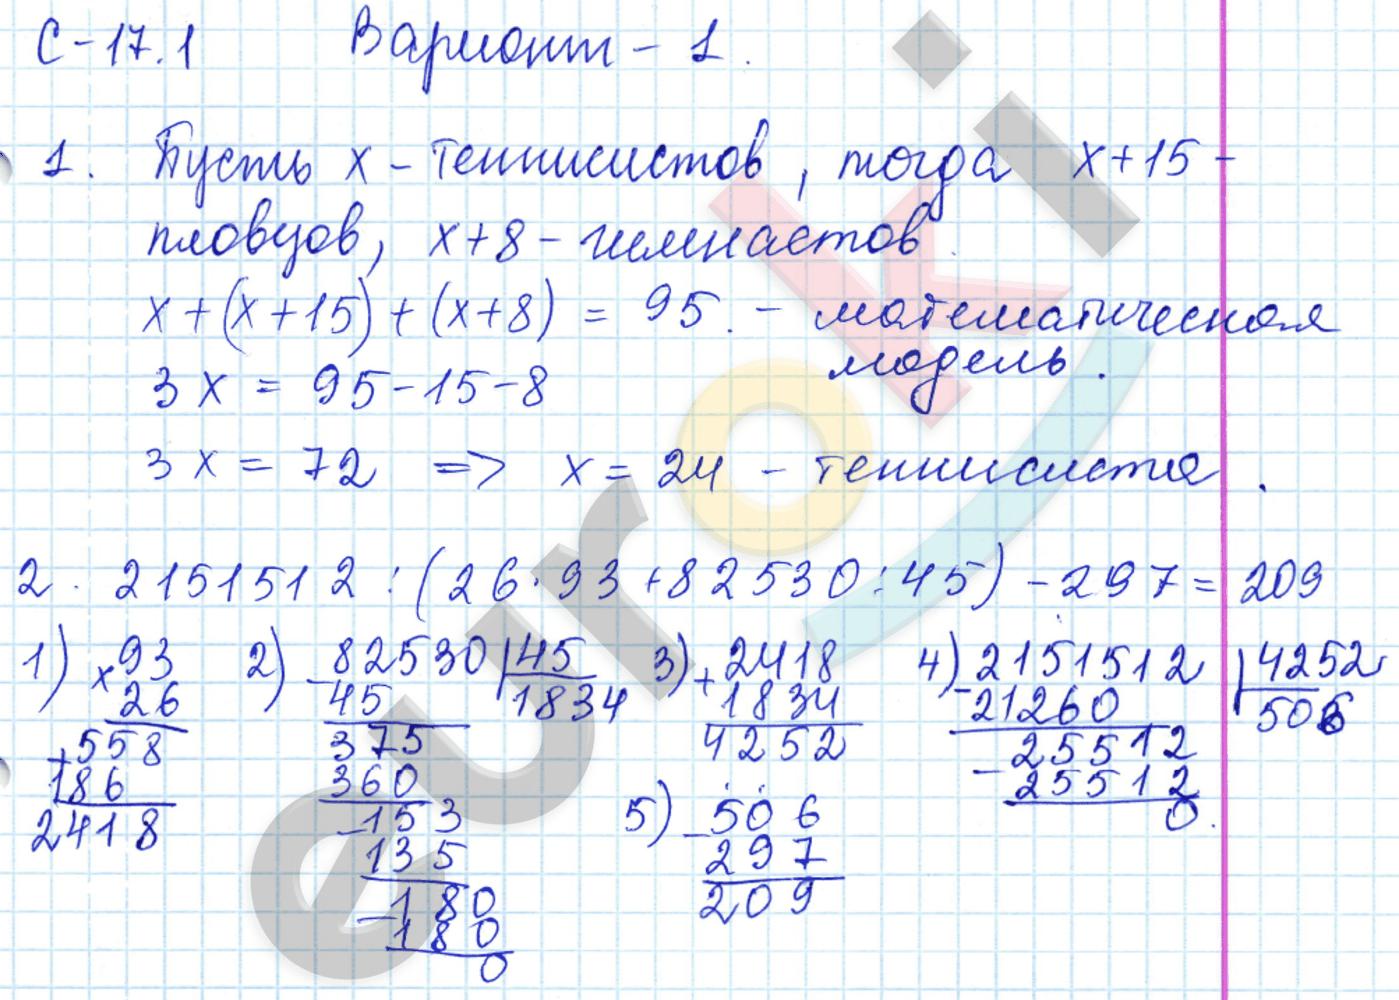 ГДЗ по математике 5 класс самостоятельные работы Зубарева, Мильштейн, Шанцева Тема 1. Натуральные числа, С-17.1. Математическая модель. Задание: Вариант 1